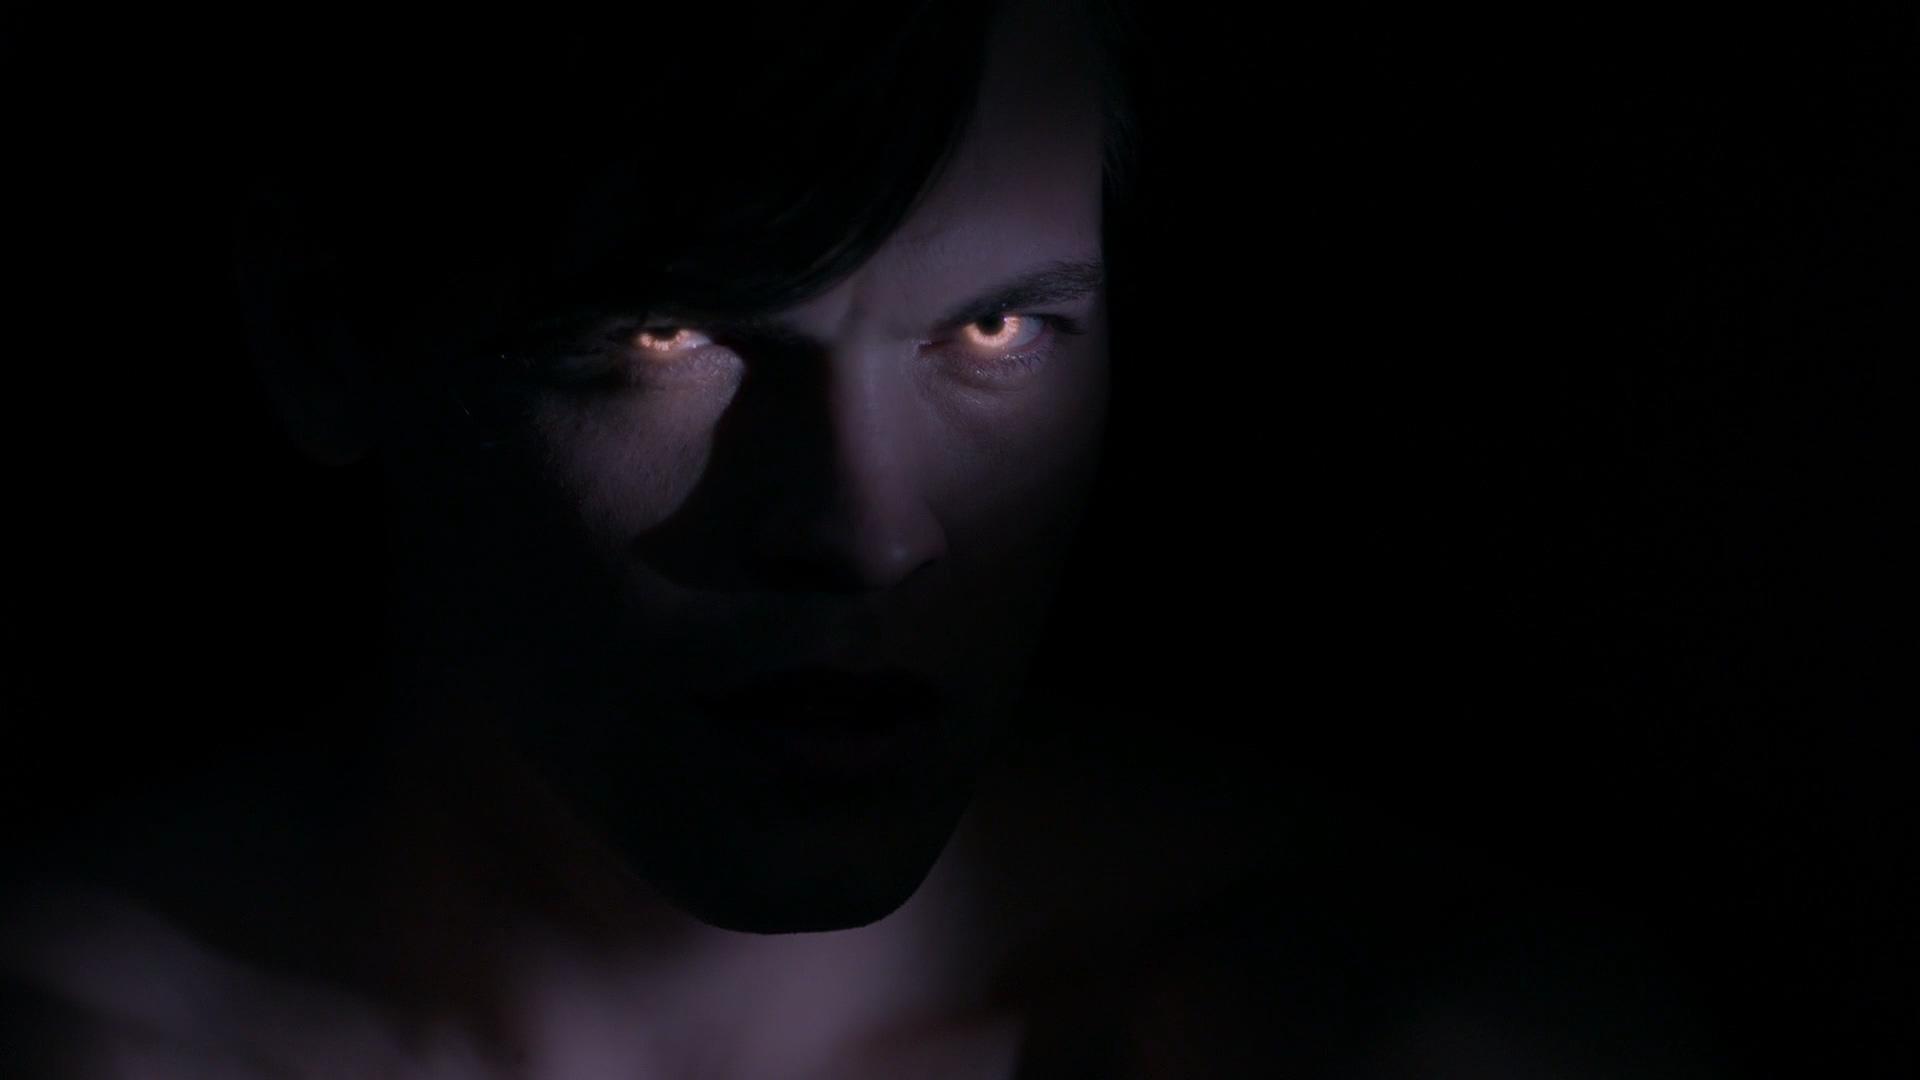 Сверхъестественное / Supernatural [13x01-13 из 23] (2017) WEBRip 1080p